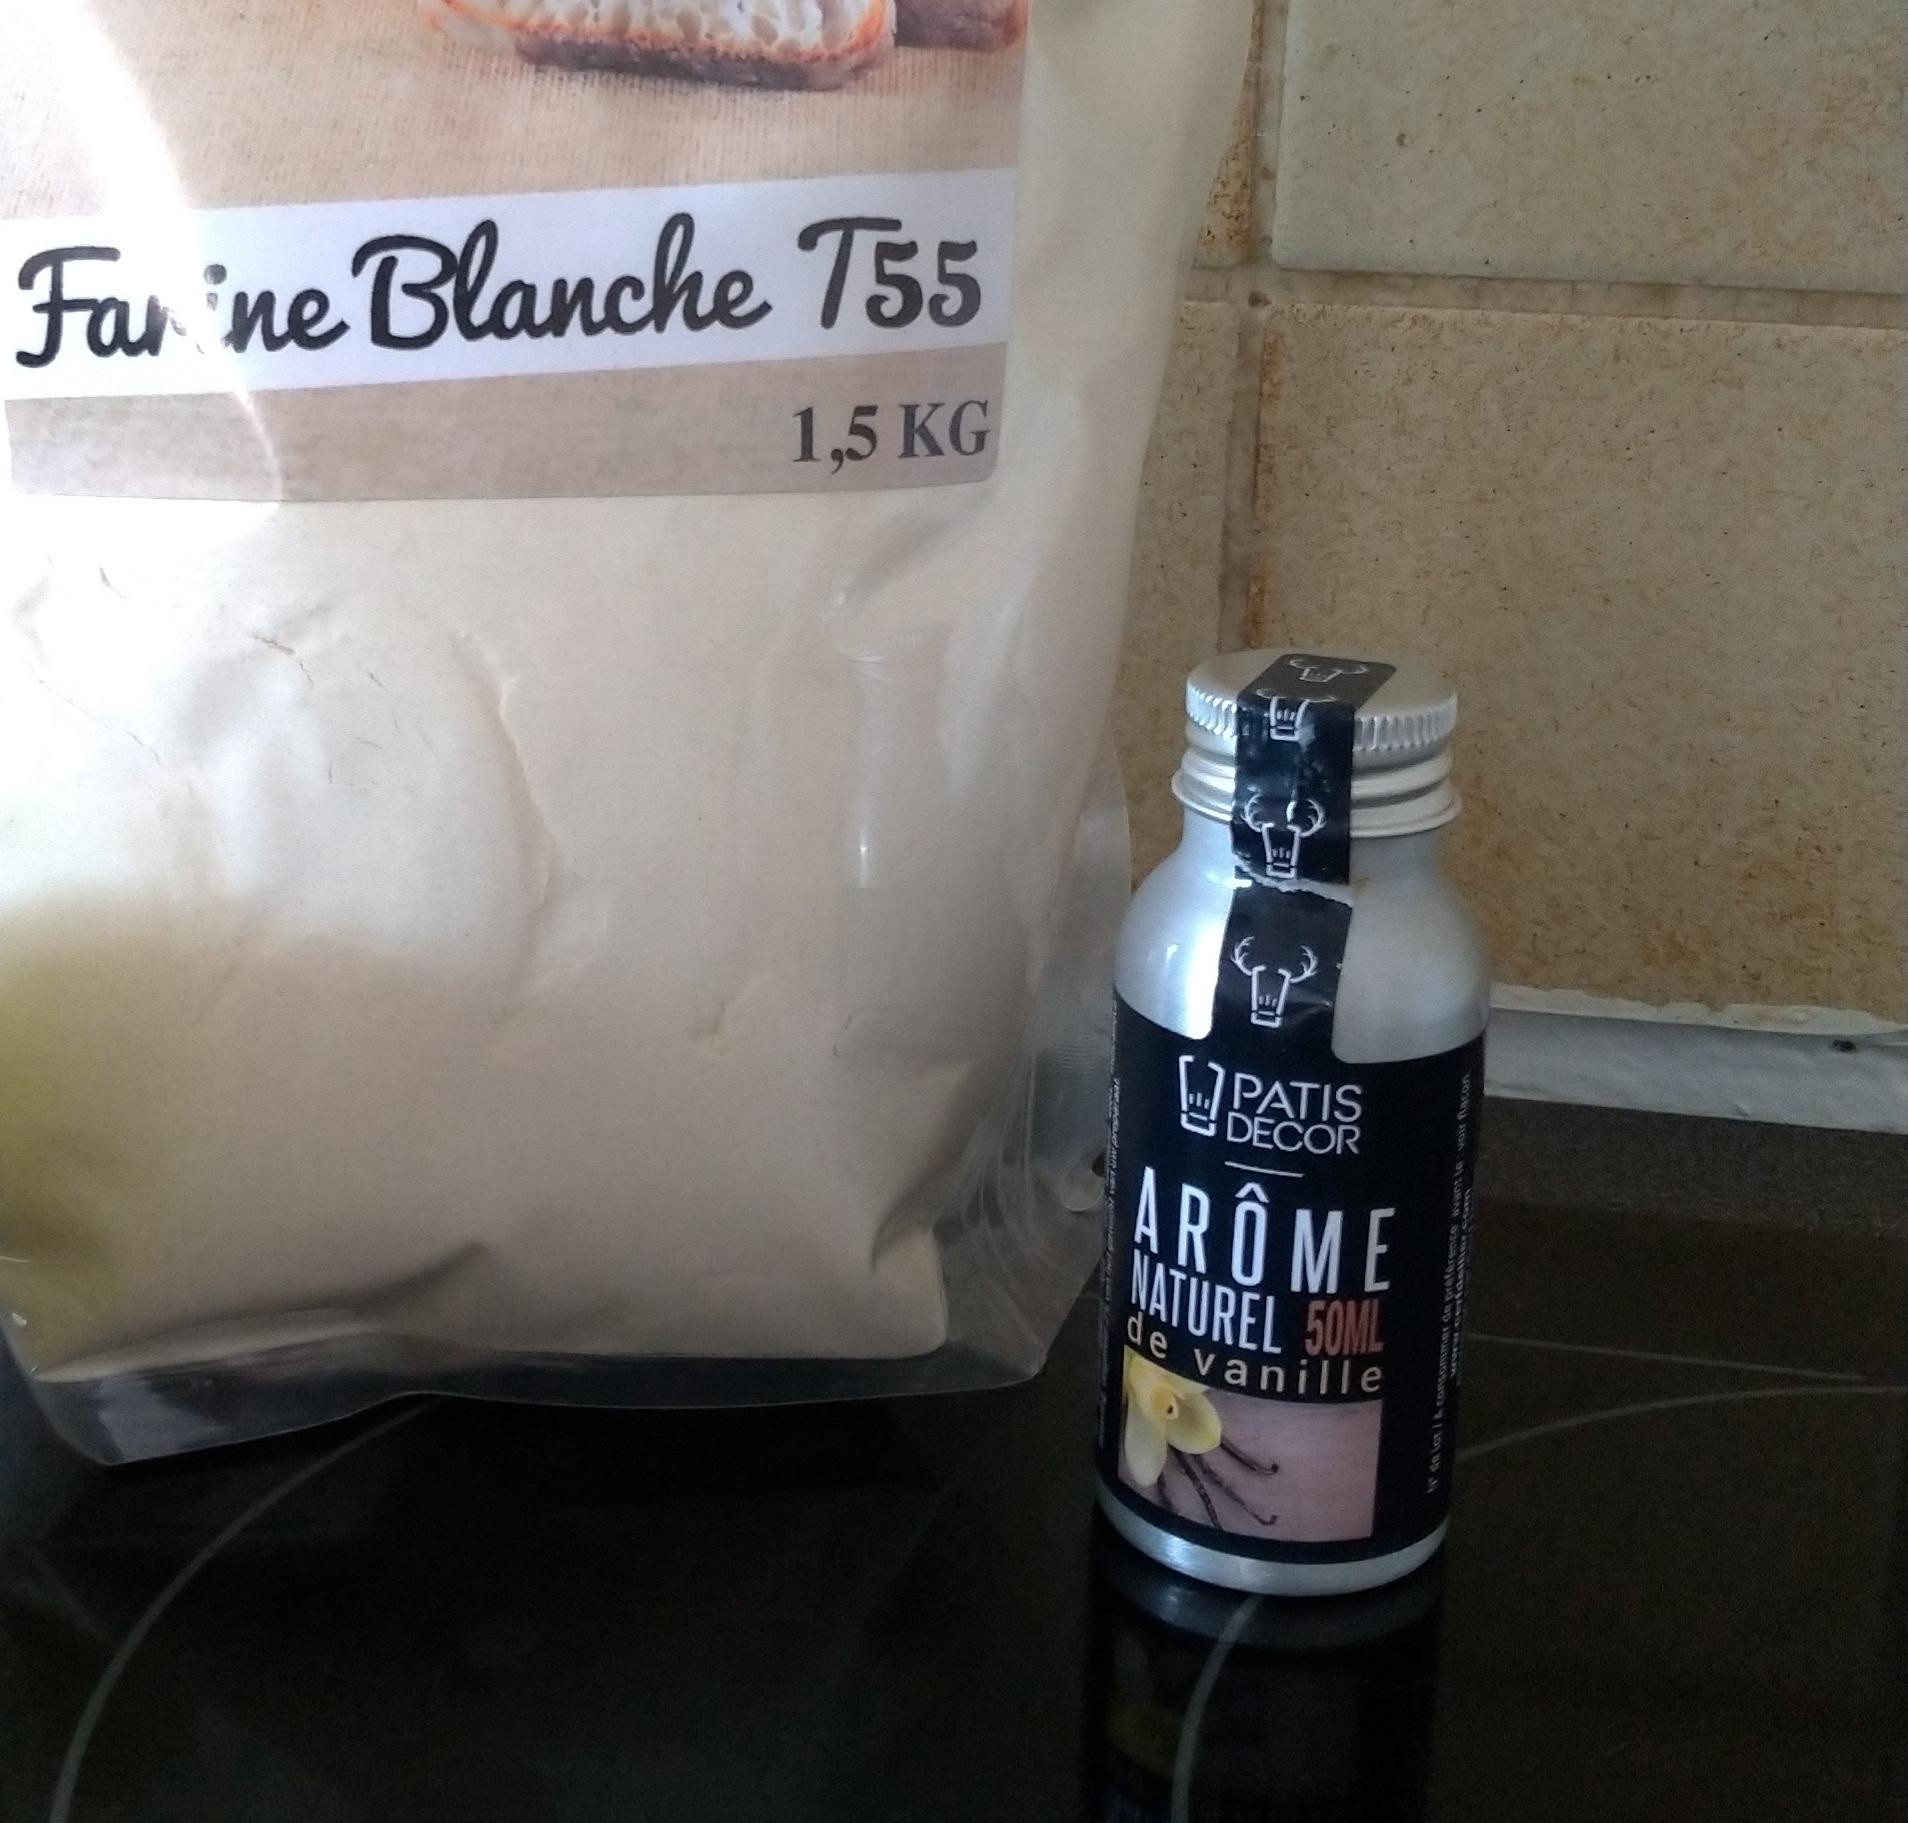 J'ai testé pour vous l'arôme vanille 50ml Patis Décor